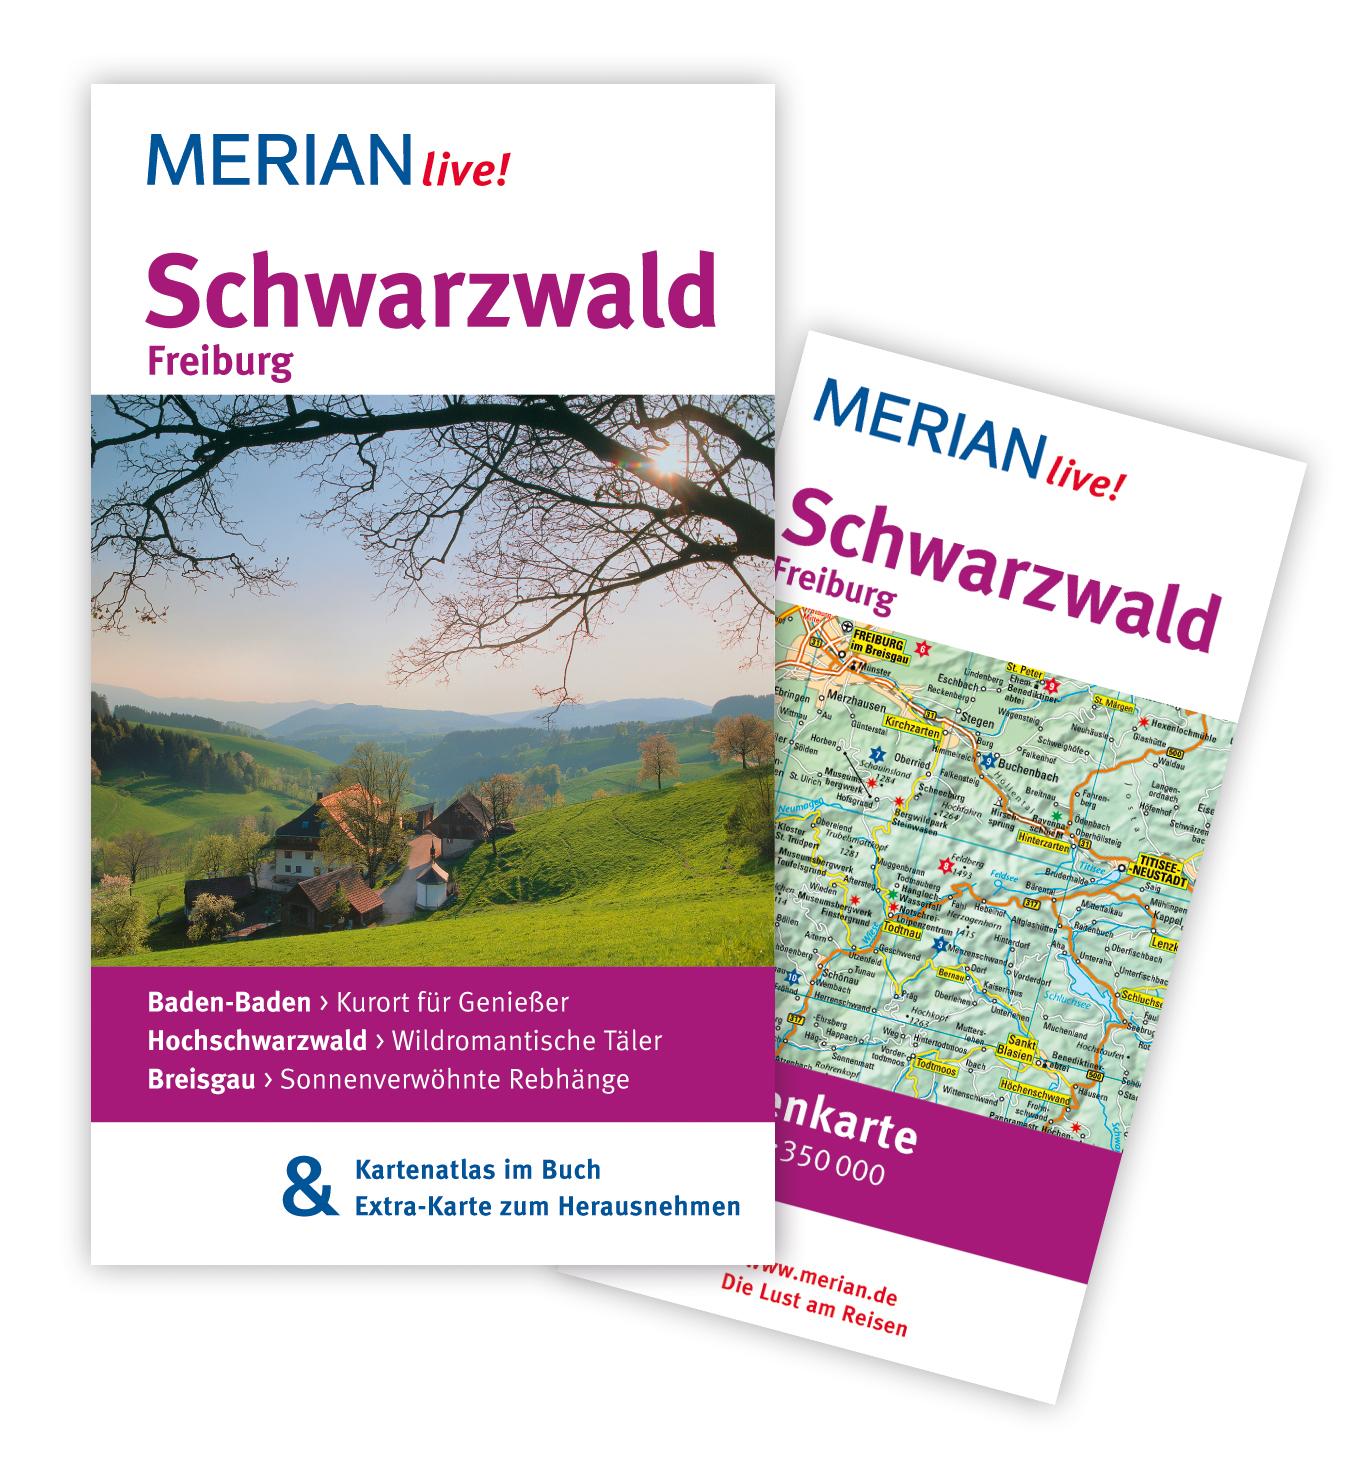 Schwarzwald Freiburg: MERIAN live! - Mit Karten...